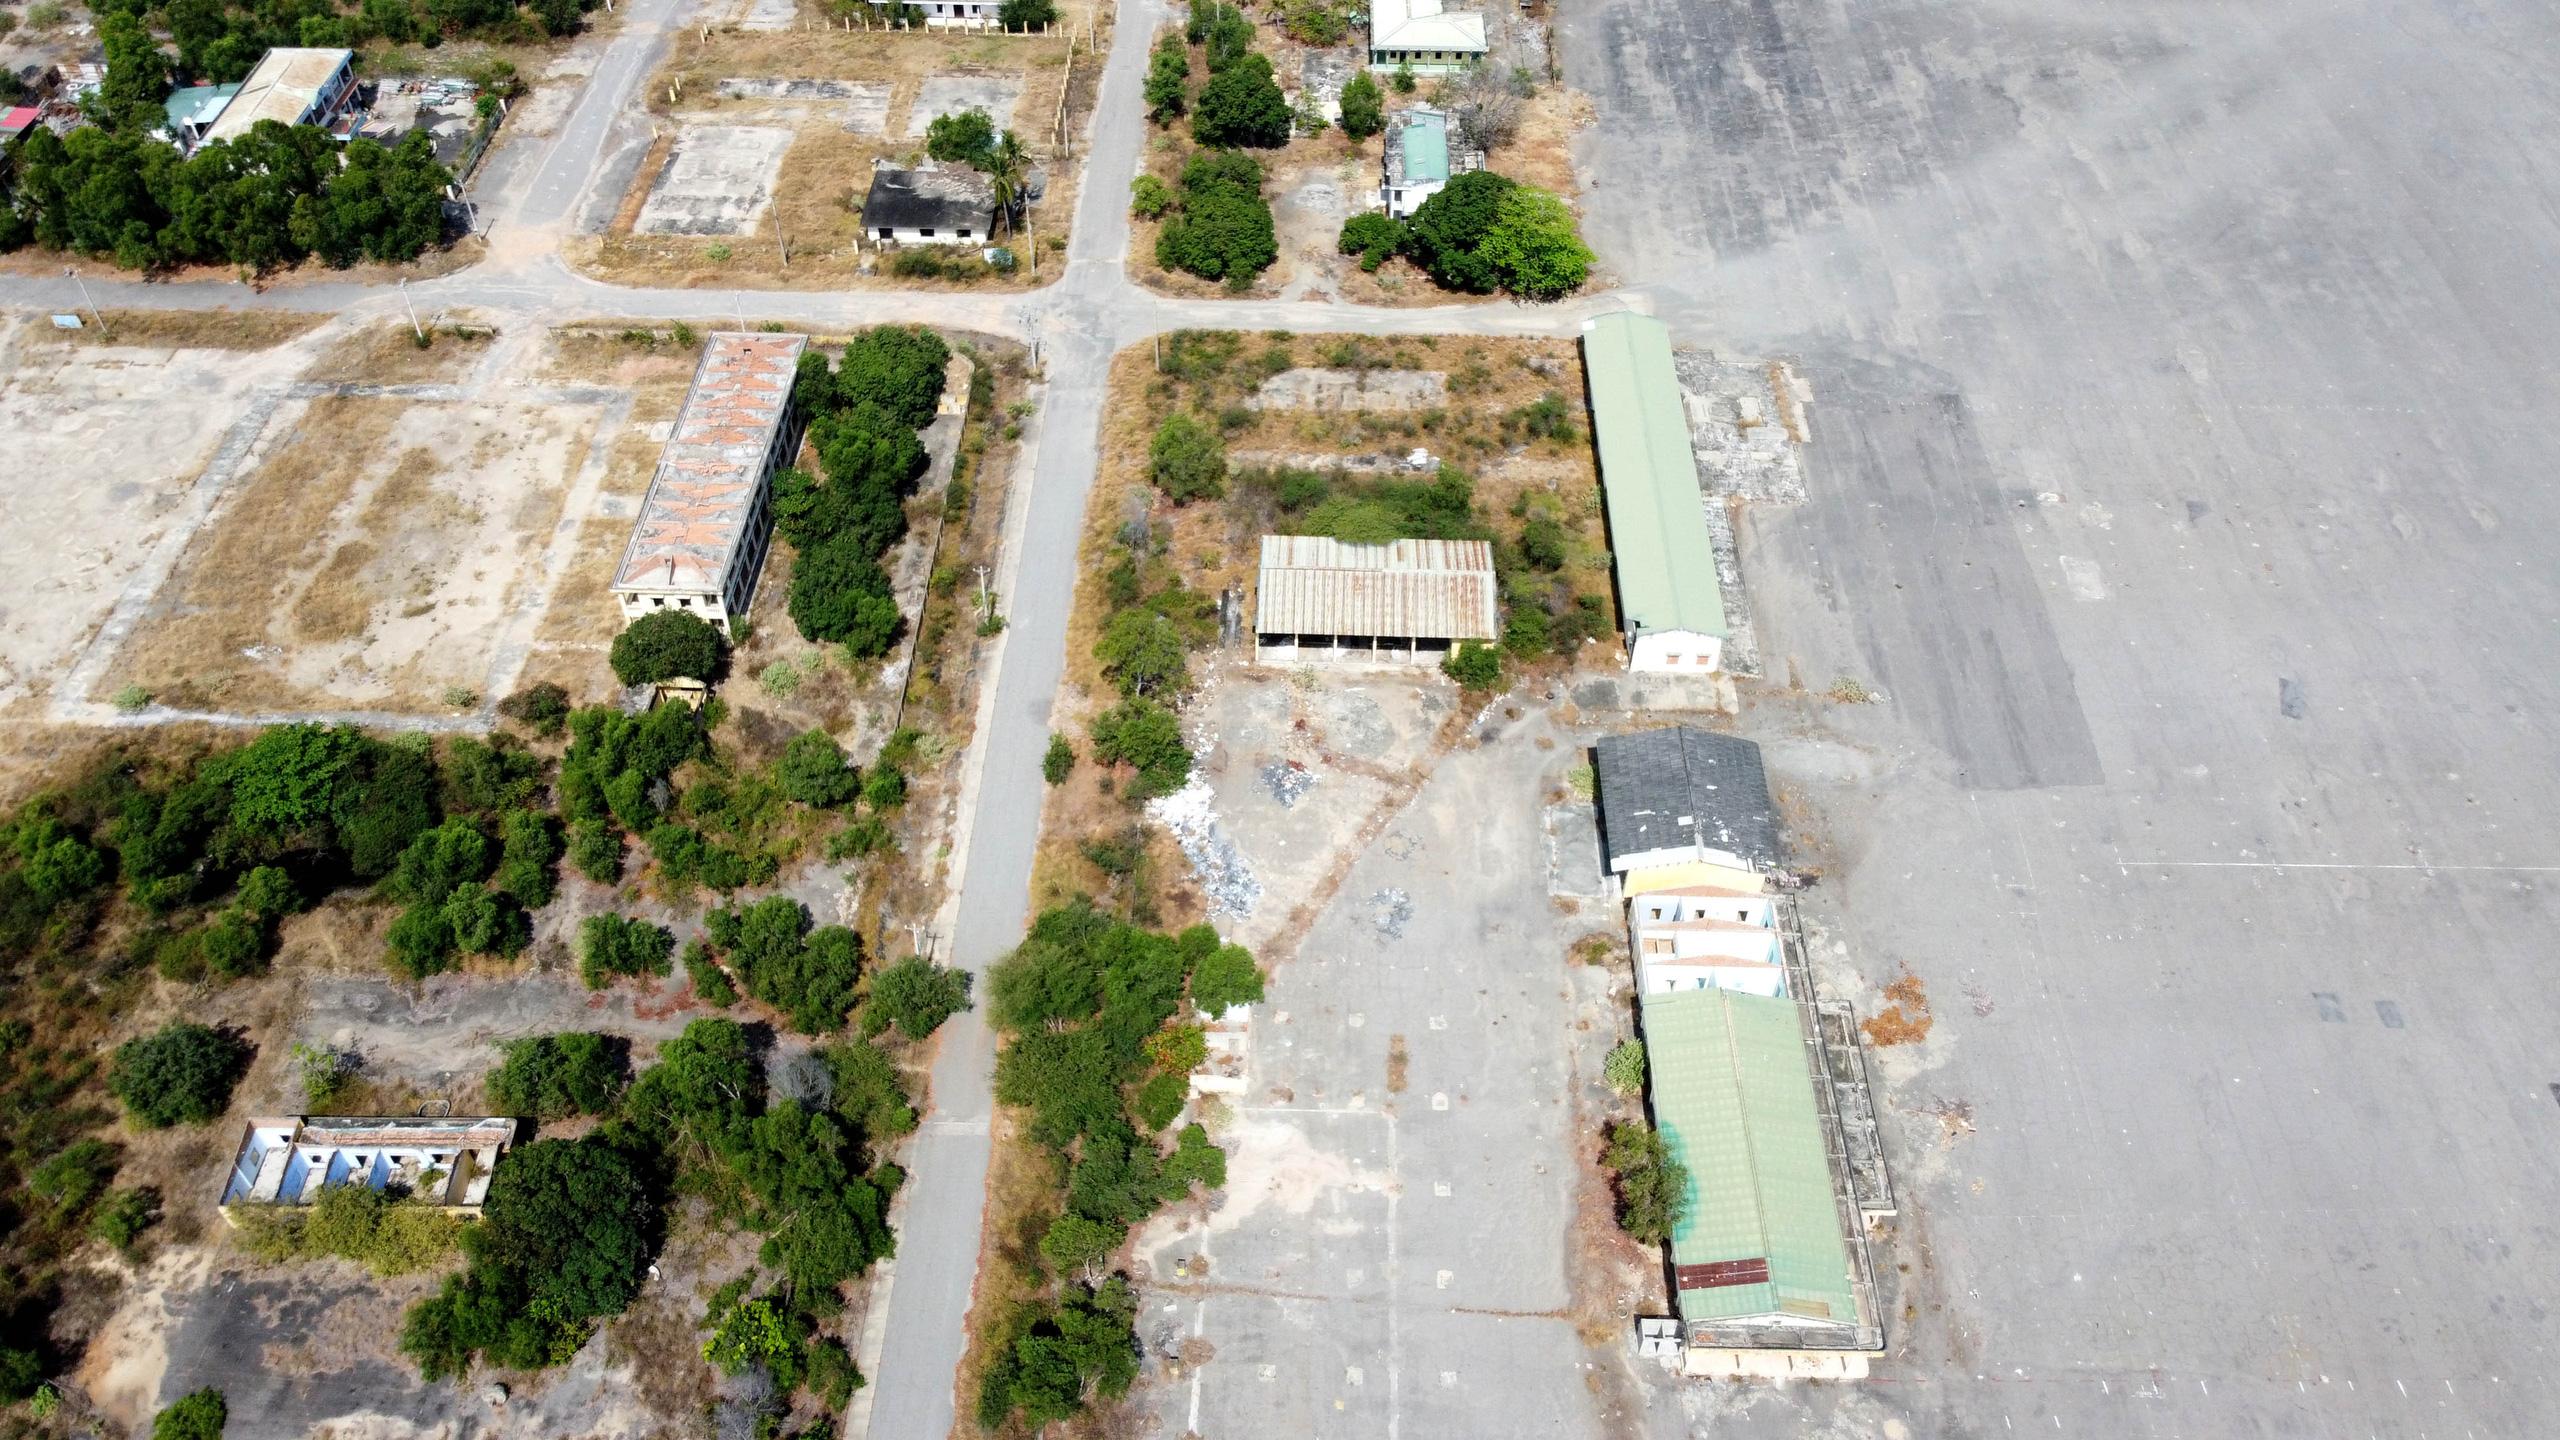 Cận cảnh khu đất sân bay Nha Trang cũ chuẩn bị đấu giá đất - Ảnh 4.